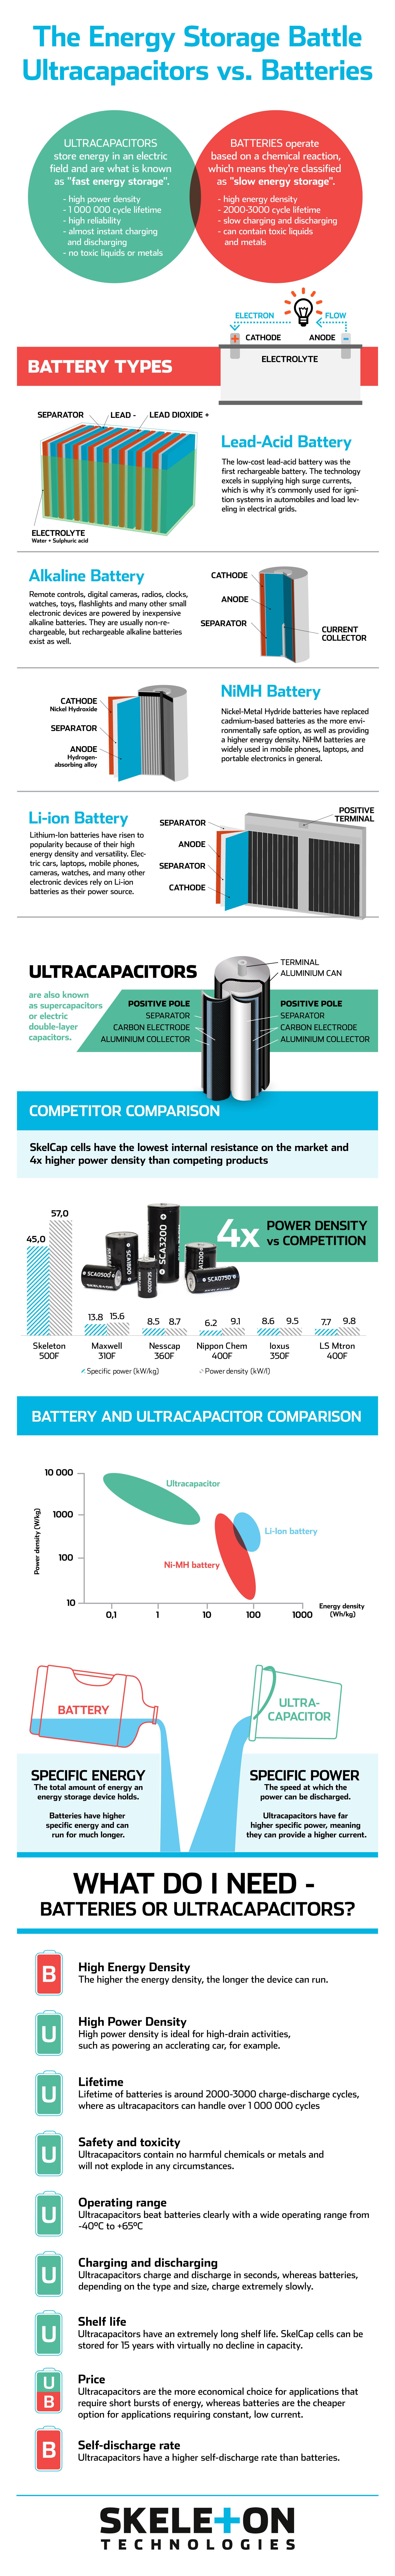 20200112-batteries vs ultracapacitors supercapacitors